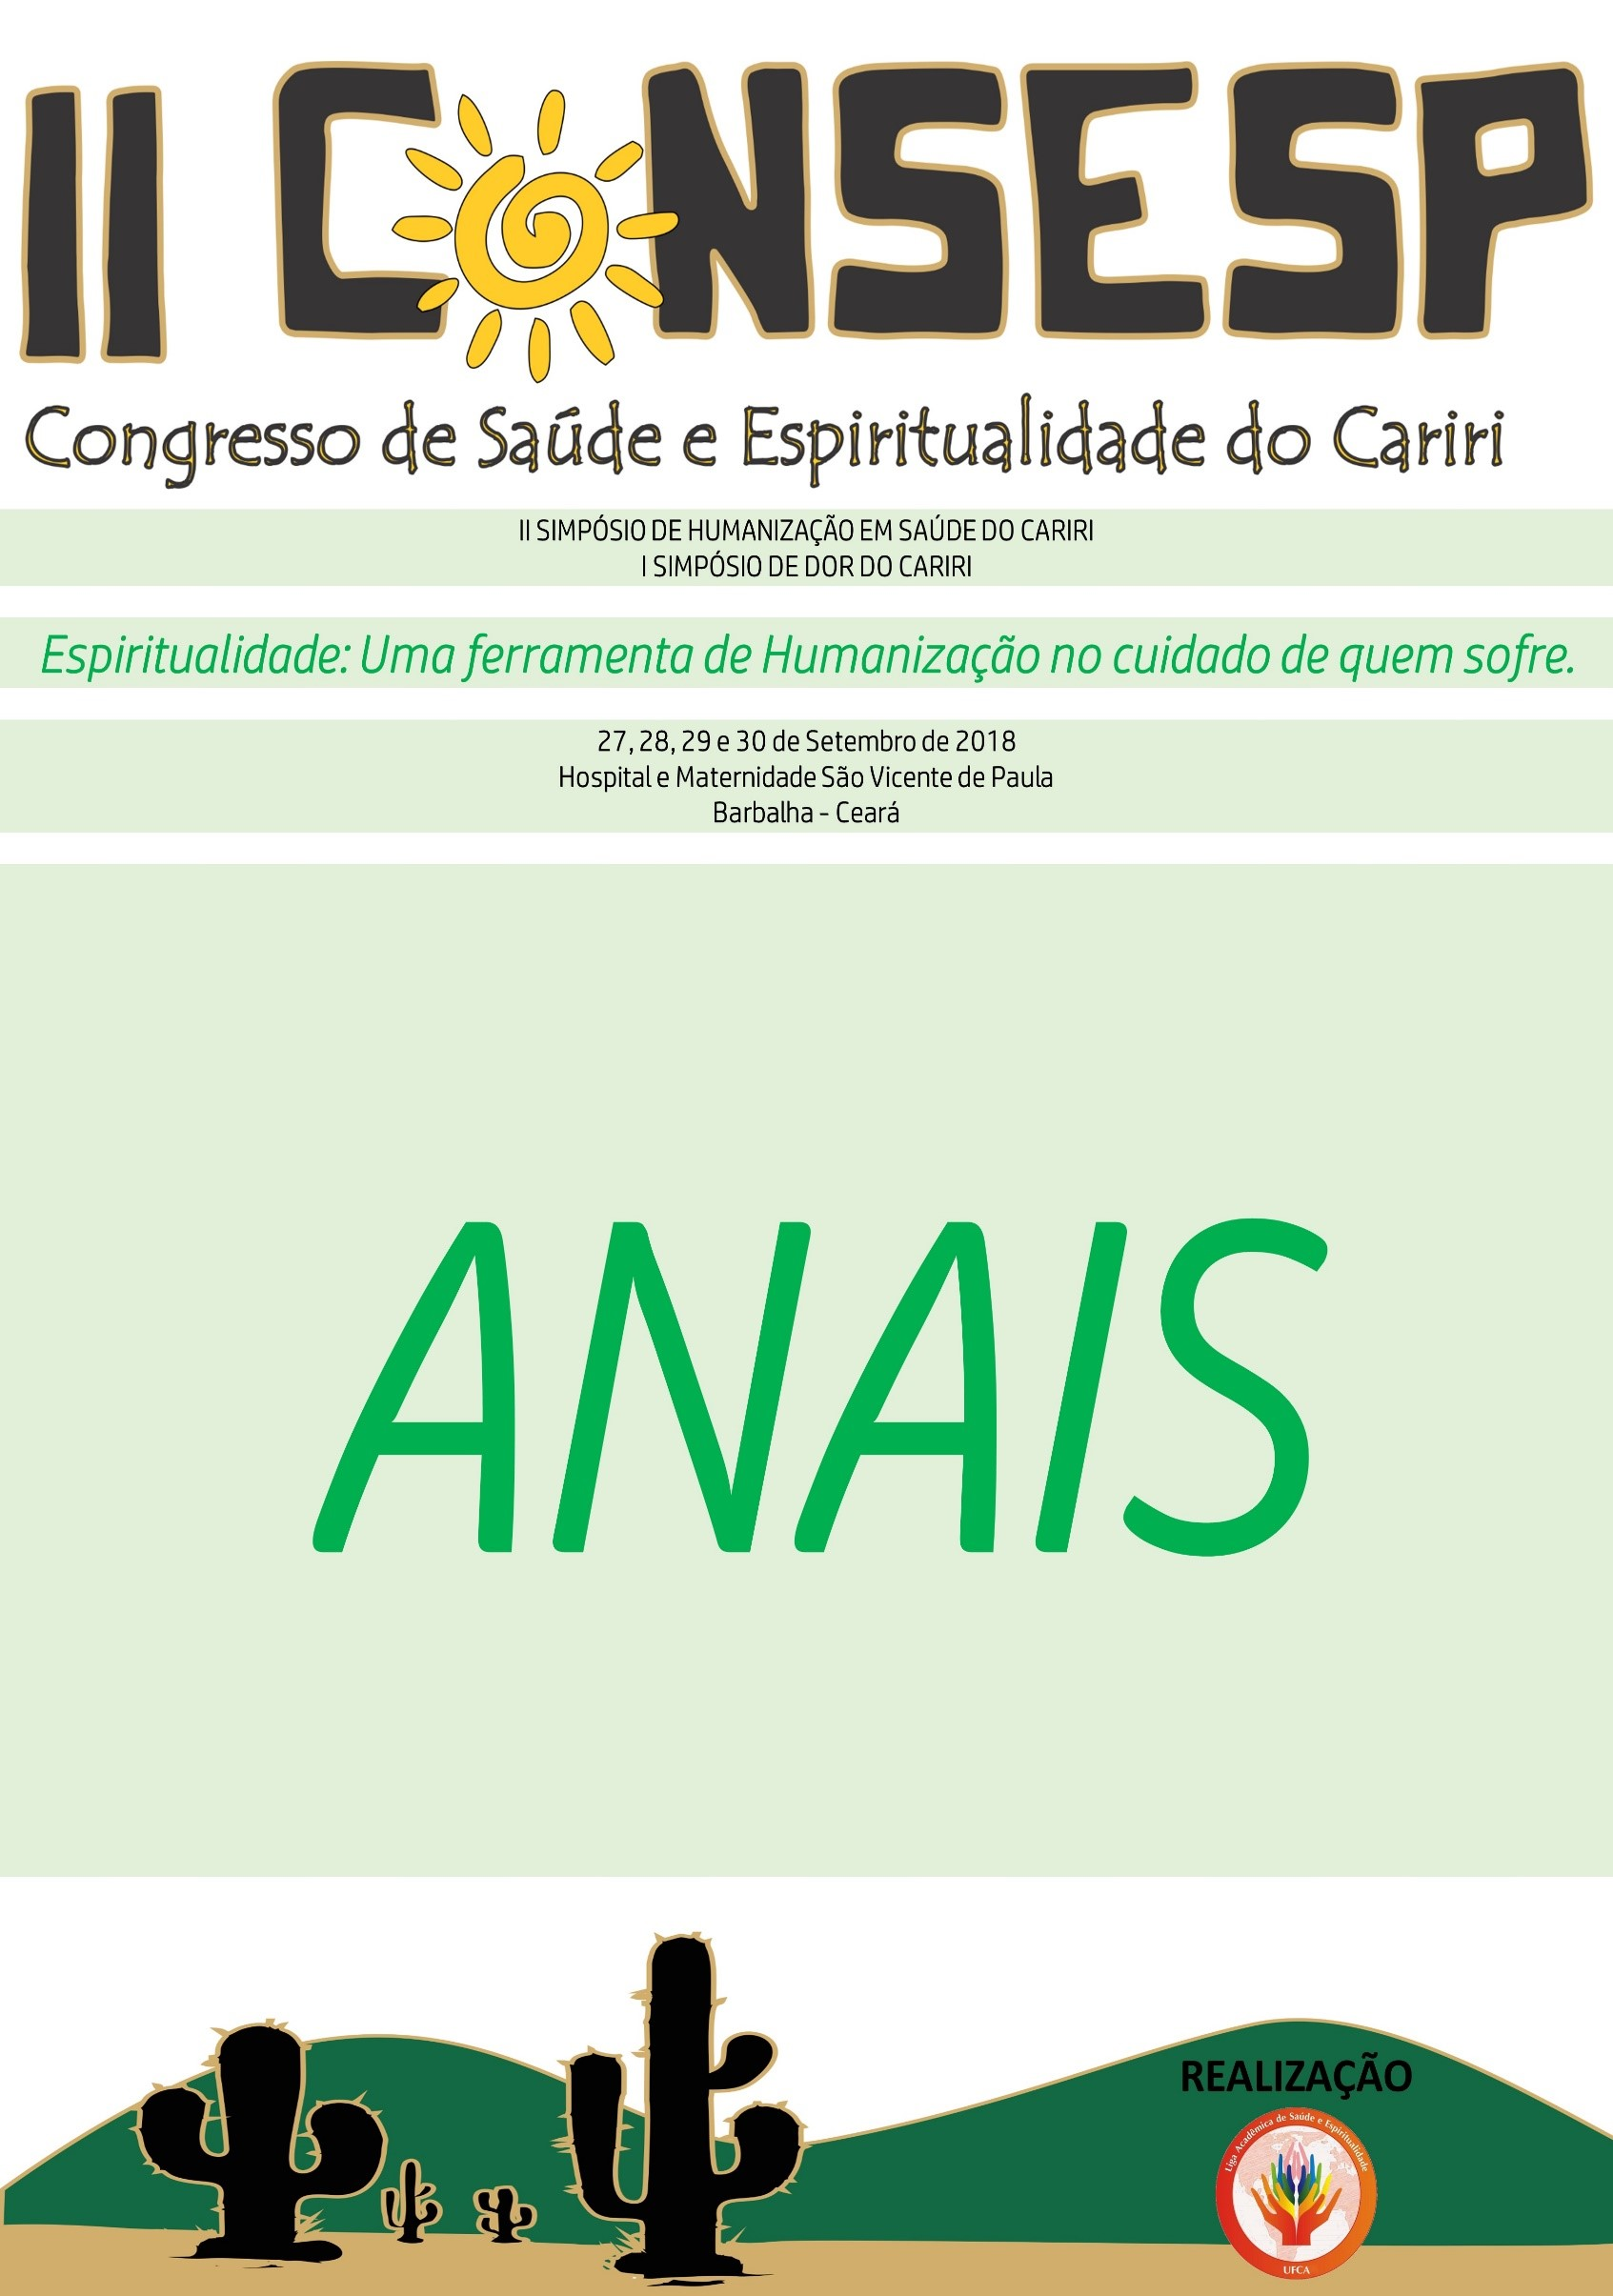 II CONGRESSO DE SAÚDE E ESPIRITUALIDADE DO CARIRI thumbnail